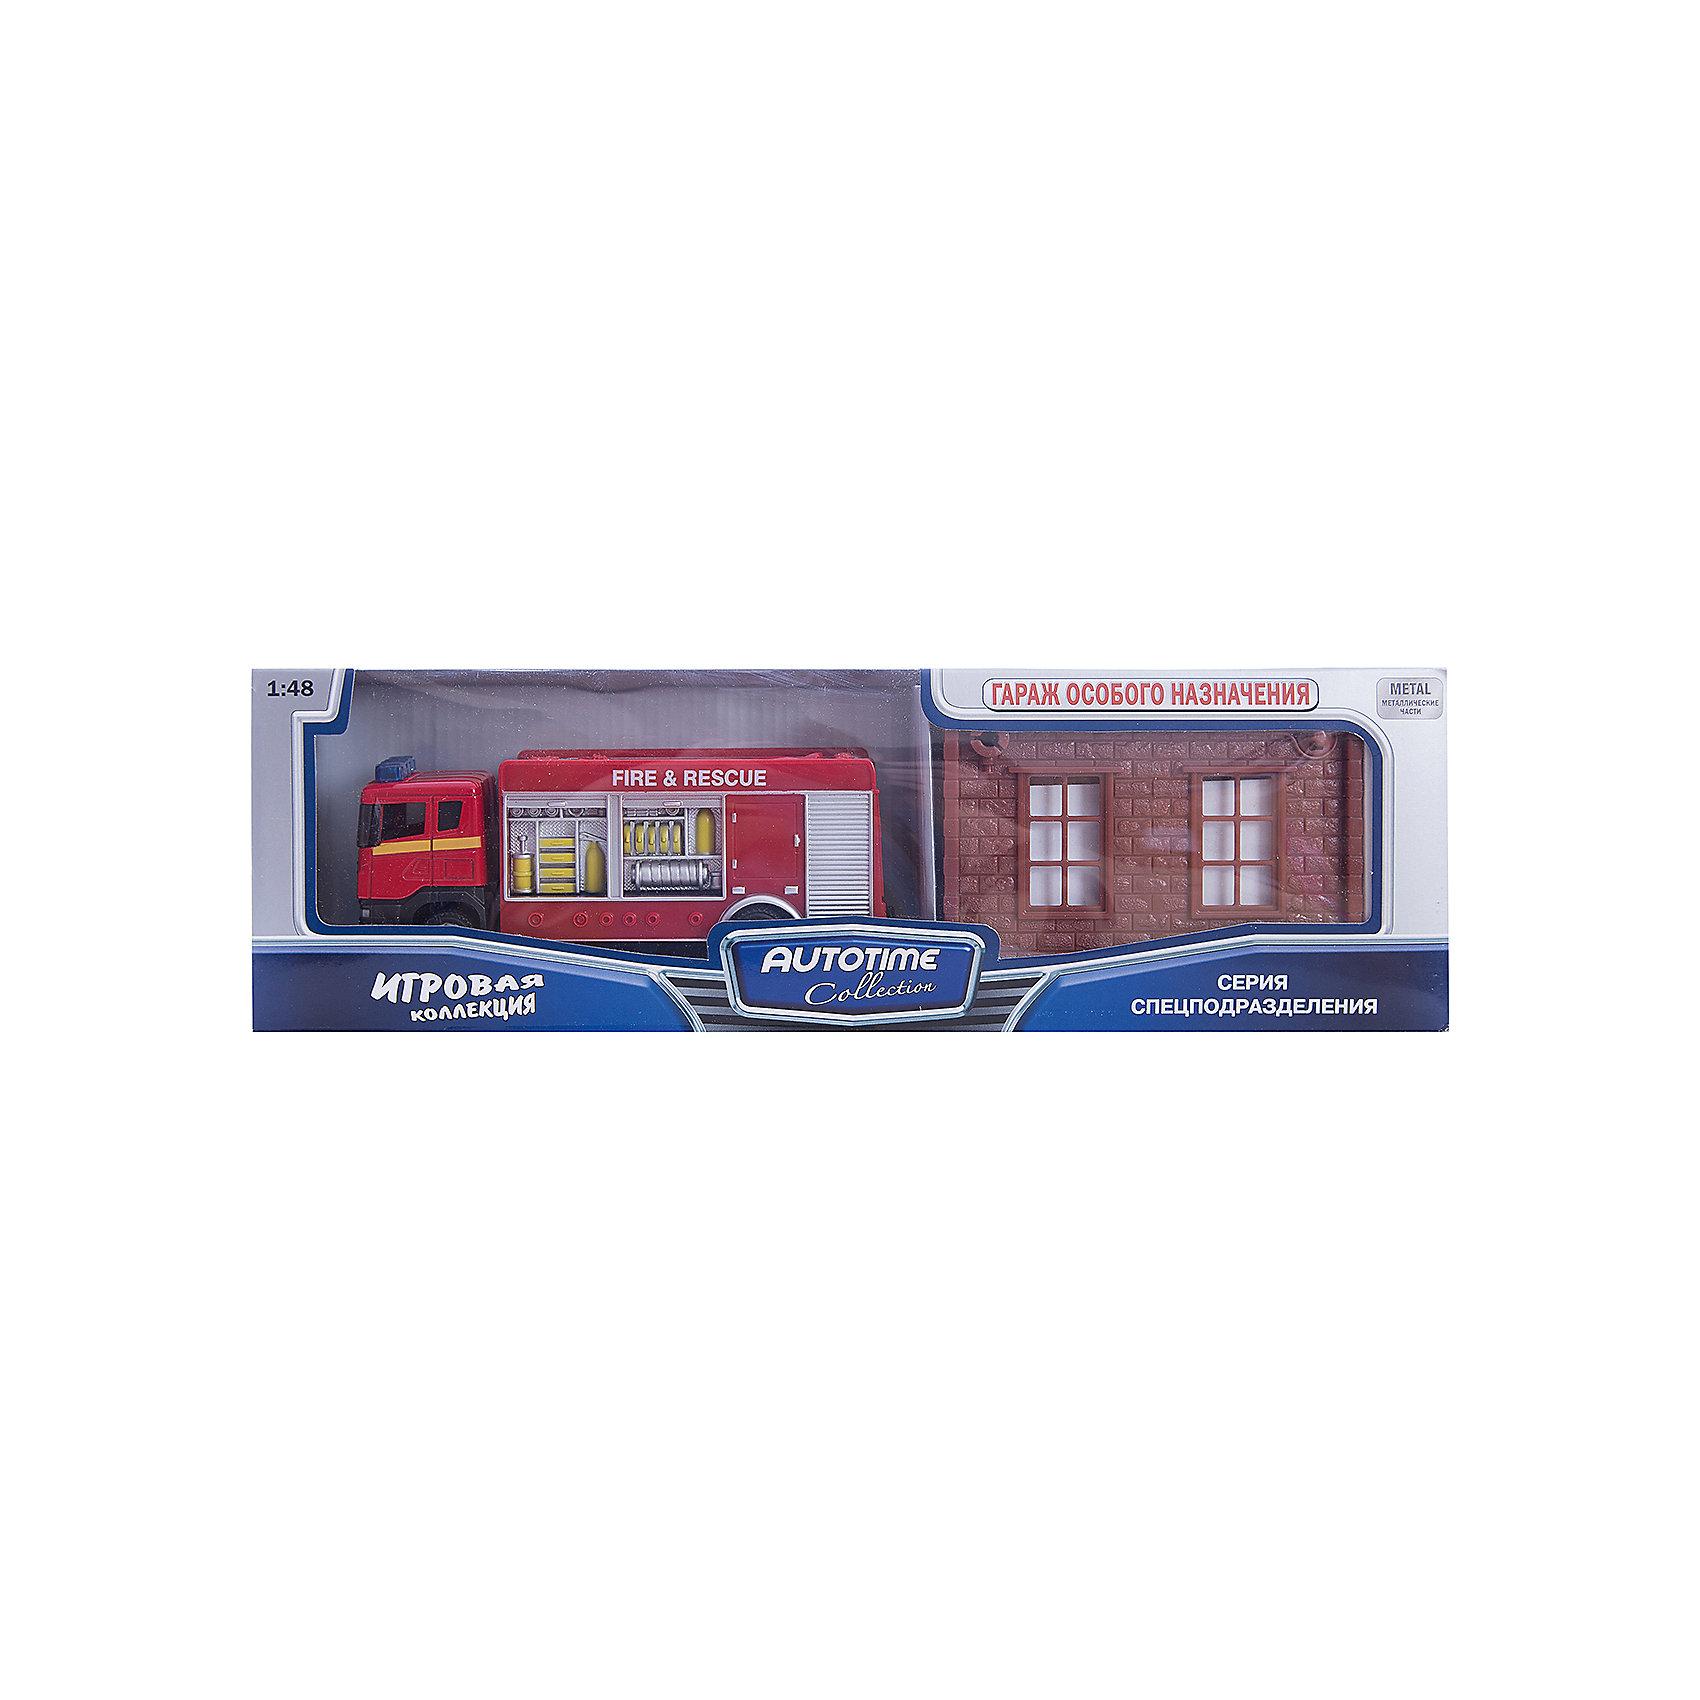 Машинка Scania пожарная с гаражом 1:48, AutotimeМашинки<br>Характеристики товара:<br><br>• цвет: красный<br>• возраст: от 3 лет<br>• материал: металл, пластик<br>• масштаб: 1:48<br>• гараж в комплекте<br>• колеса вращаются<br>• размер упаковки: 35х6х11 см<br>• вес с упаковкой: 300 г<br>• страна бренда: Россия, Китай<br>• страна изготовитель: Китай<br><br>Такая машинка представляет собой миниатюрную копию пожарной машины с гаражом. Она отличается высокой детализацией, является коллекционной моделью. <br><br>Сделана машинка из прочного и безопасного материала. Корпус - из металла и пластика. <br><br>Машинку «Scania пожарная с гаражом 1:48», Autotime (Автотайм) можно купить в нашем интернет-магазине.<br><br>Ширина мм: 362<br>Глубина мм: 114<br>Высота мм: 146<br>Вес г: 15<br>Возраст от месяцев: 36<br>Возраст до месяцев: 2147483647<br>Пол: Мужской<br>Возраст: Детский<br>SKU: 5584142